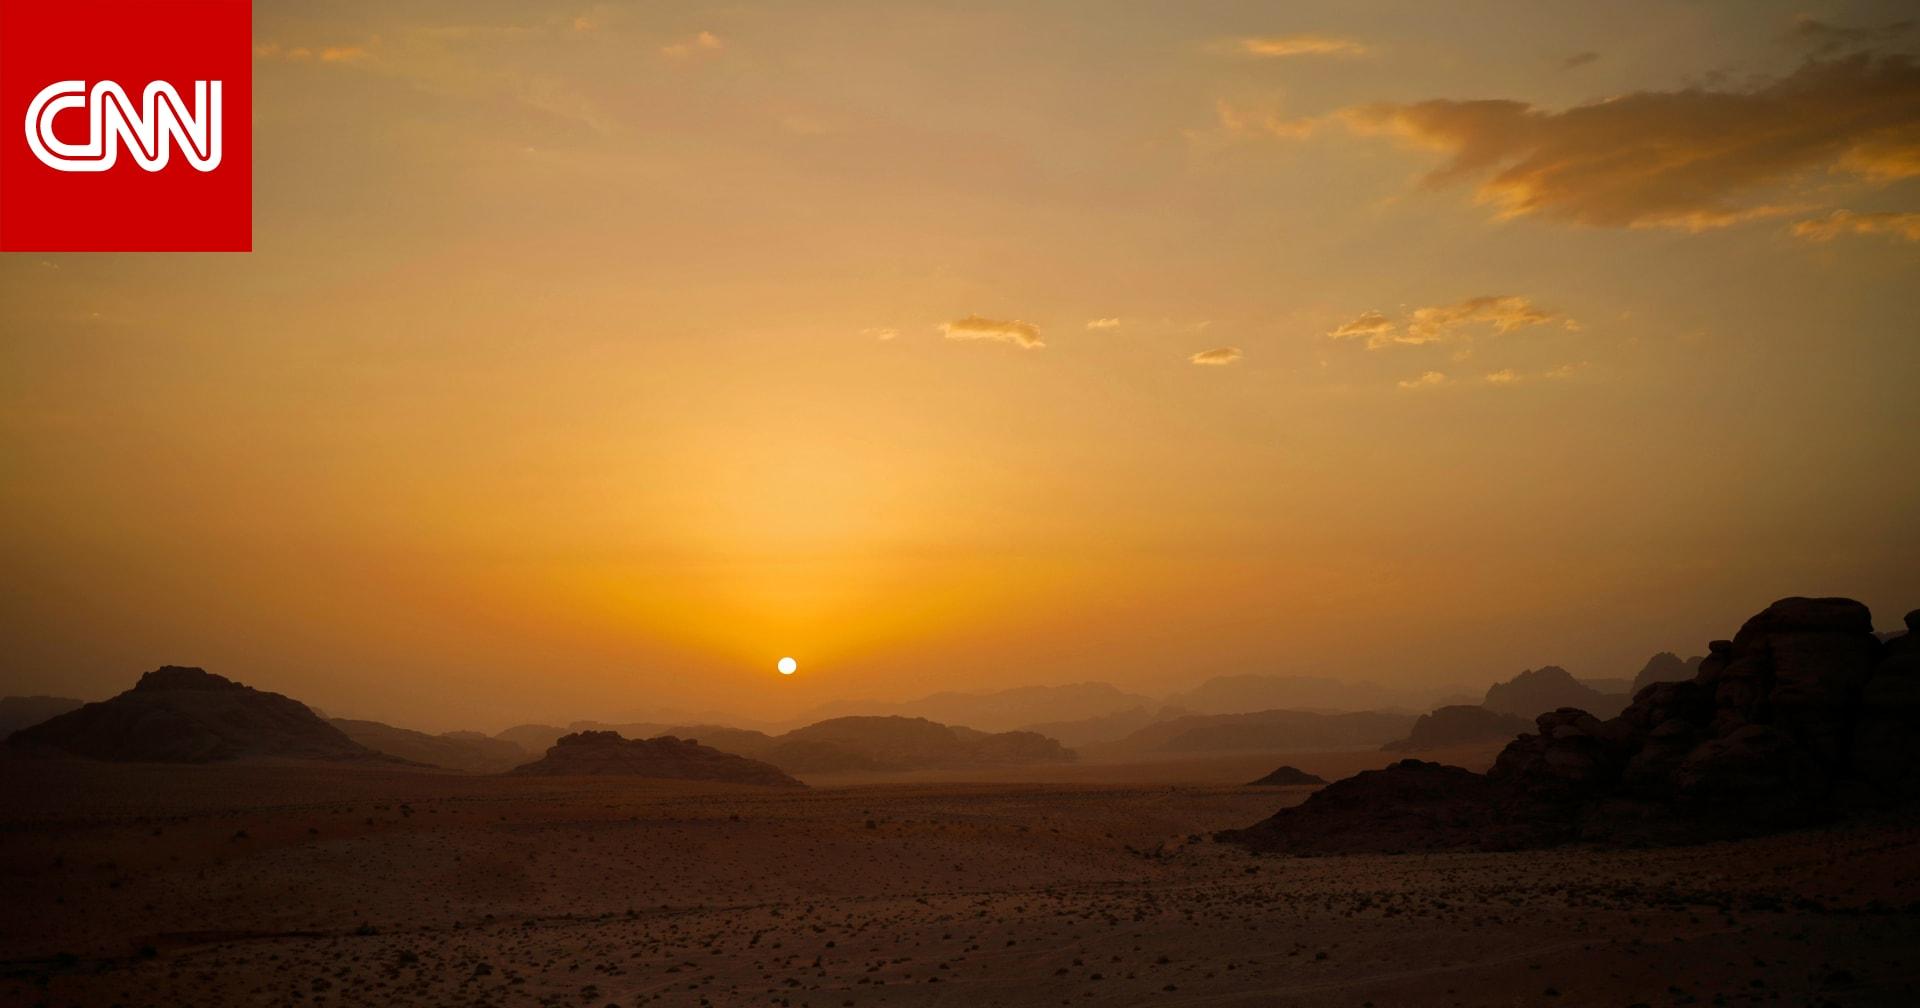 اتفاقية لتأسيس شركة طيران في العقبة باستثمار أردني - سعودي